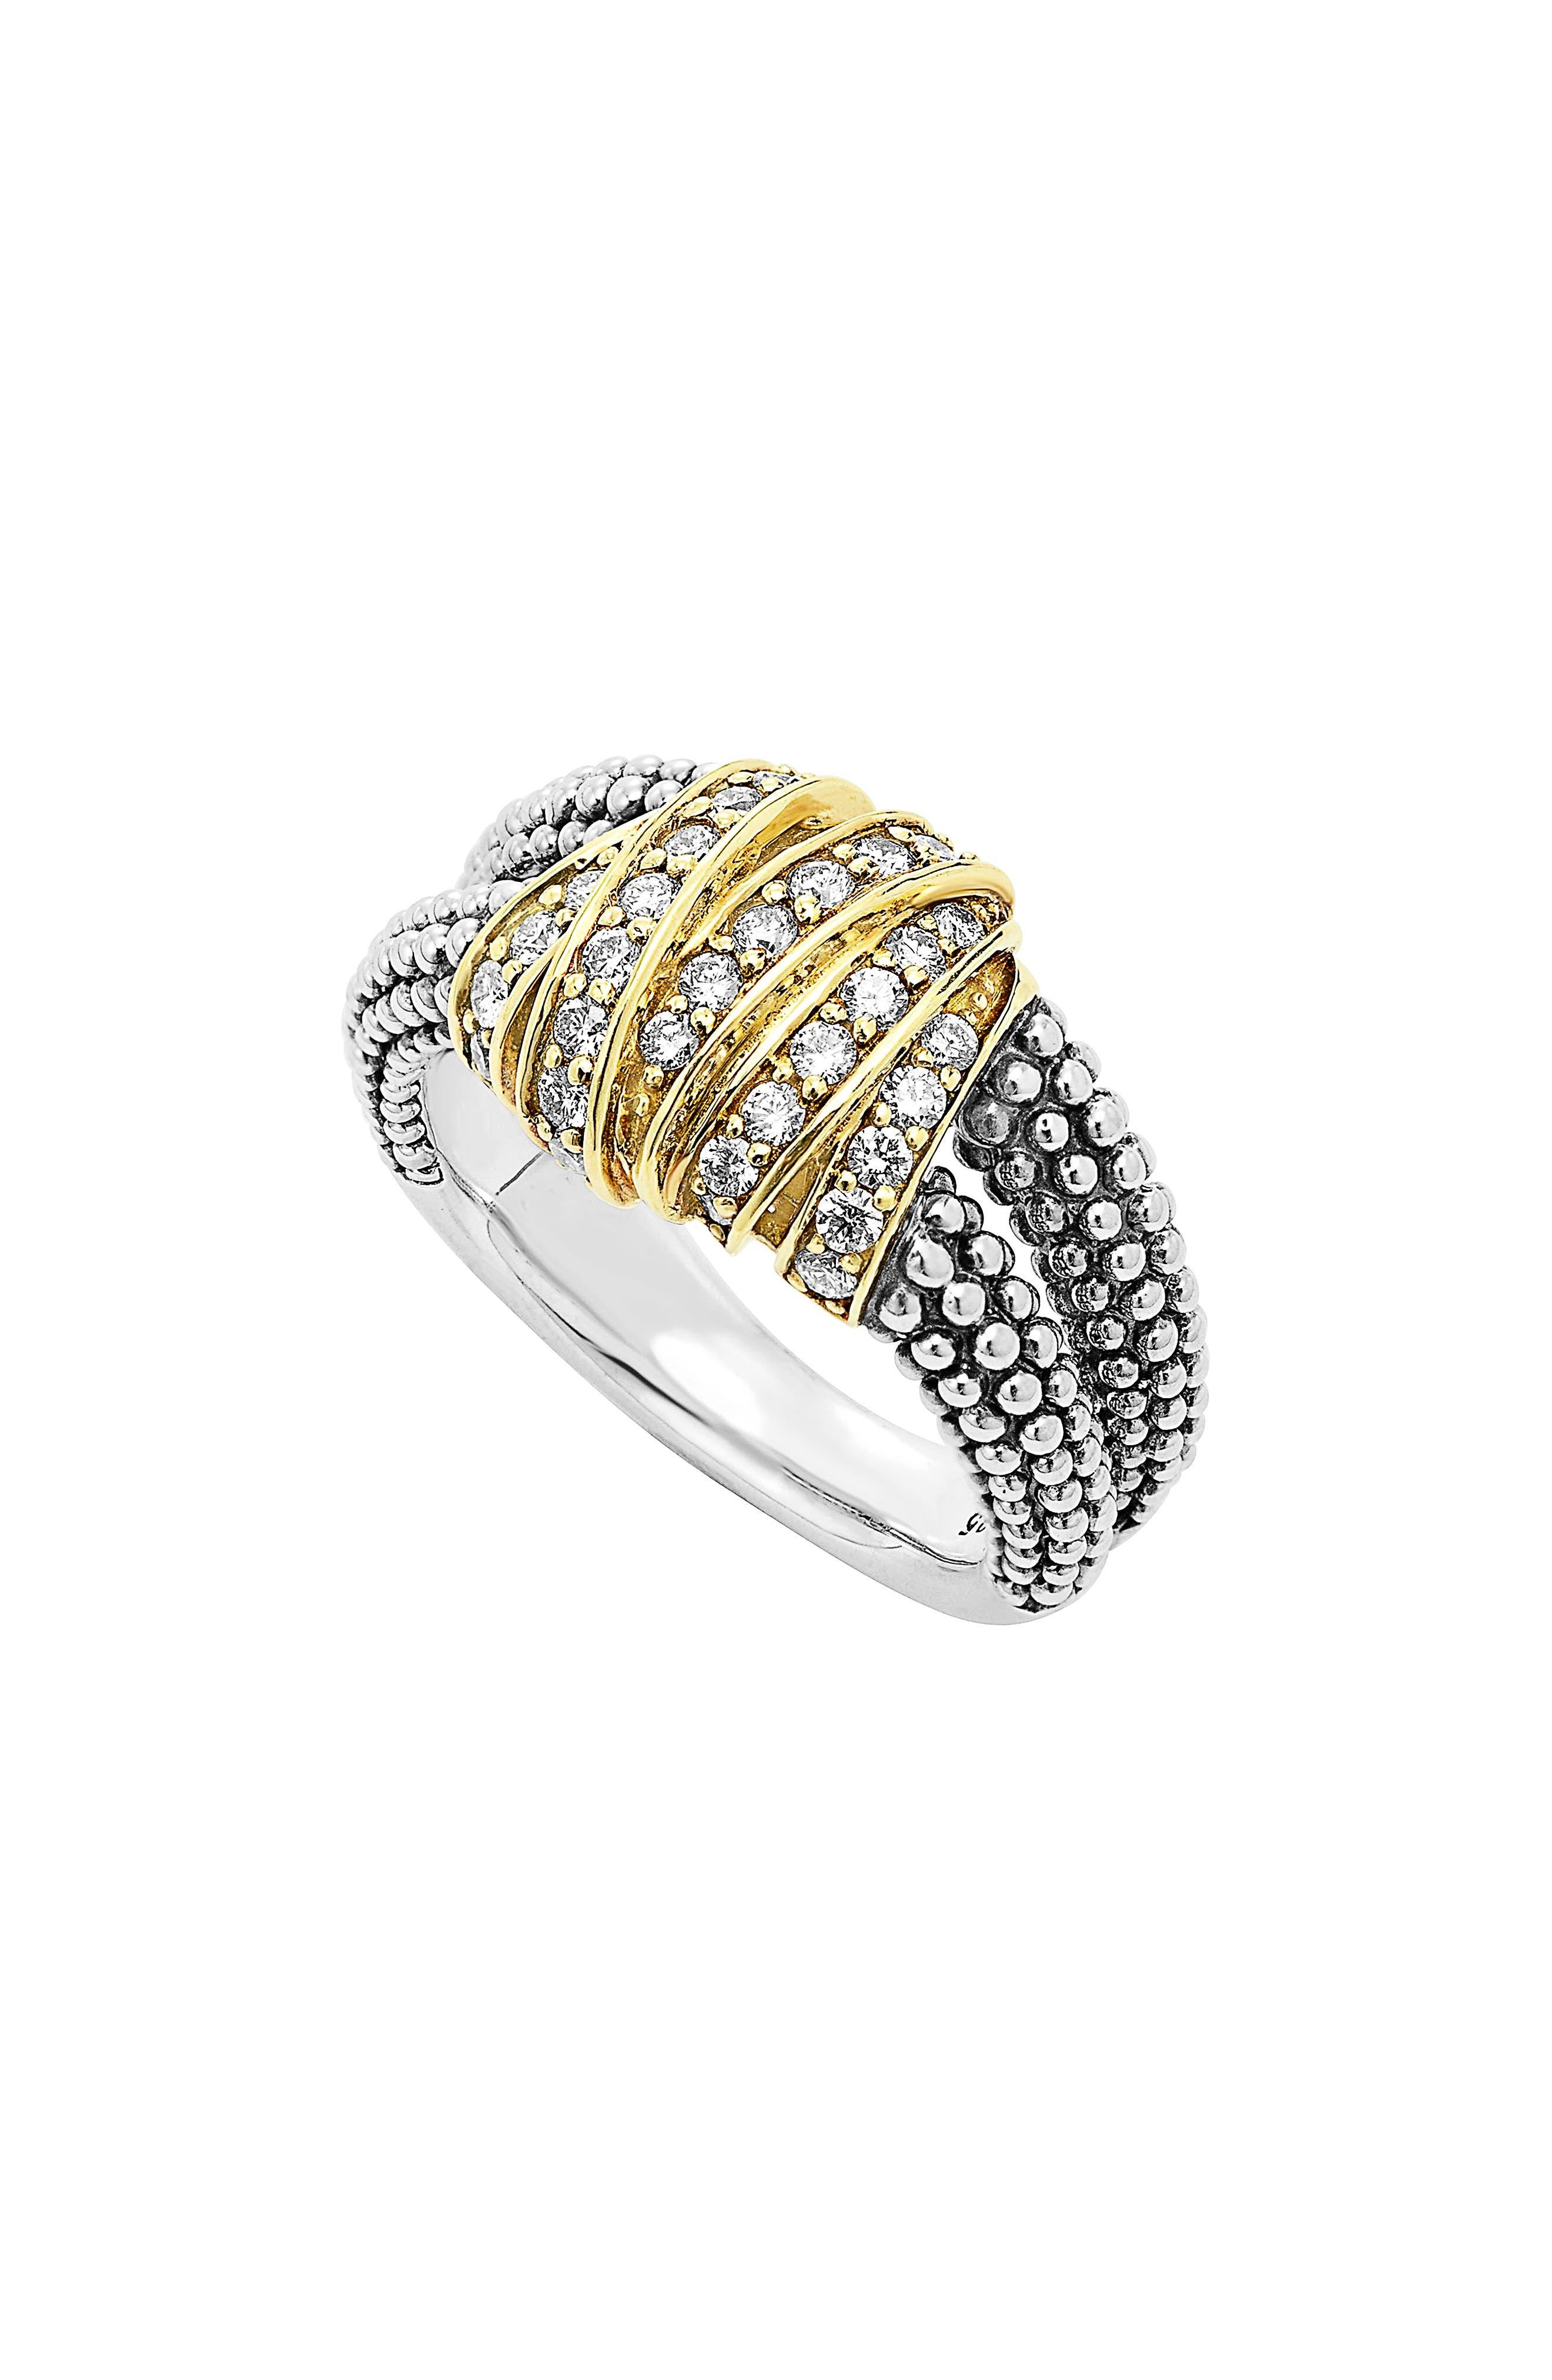 Alternate Image 1 Selected - LAGOS 'Diamonds & Caviar' Medium Diamond Ring